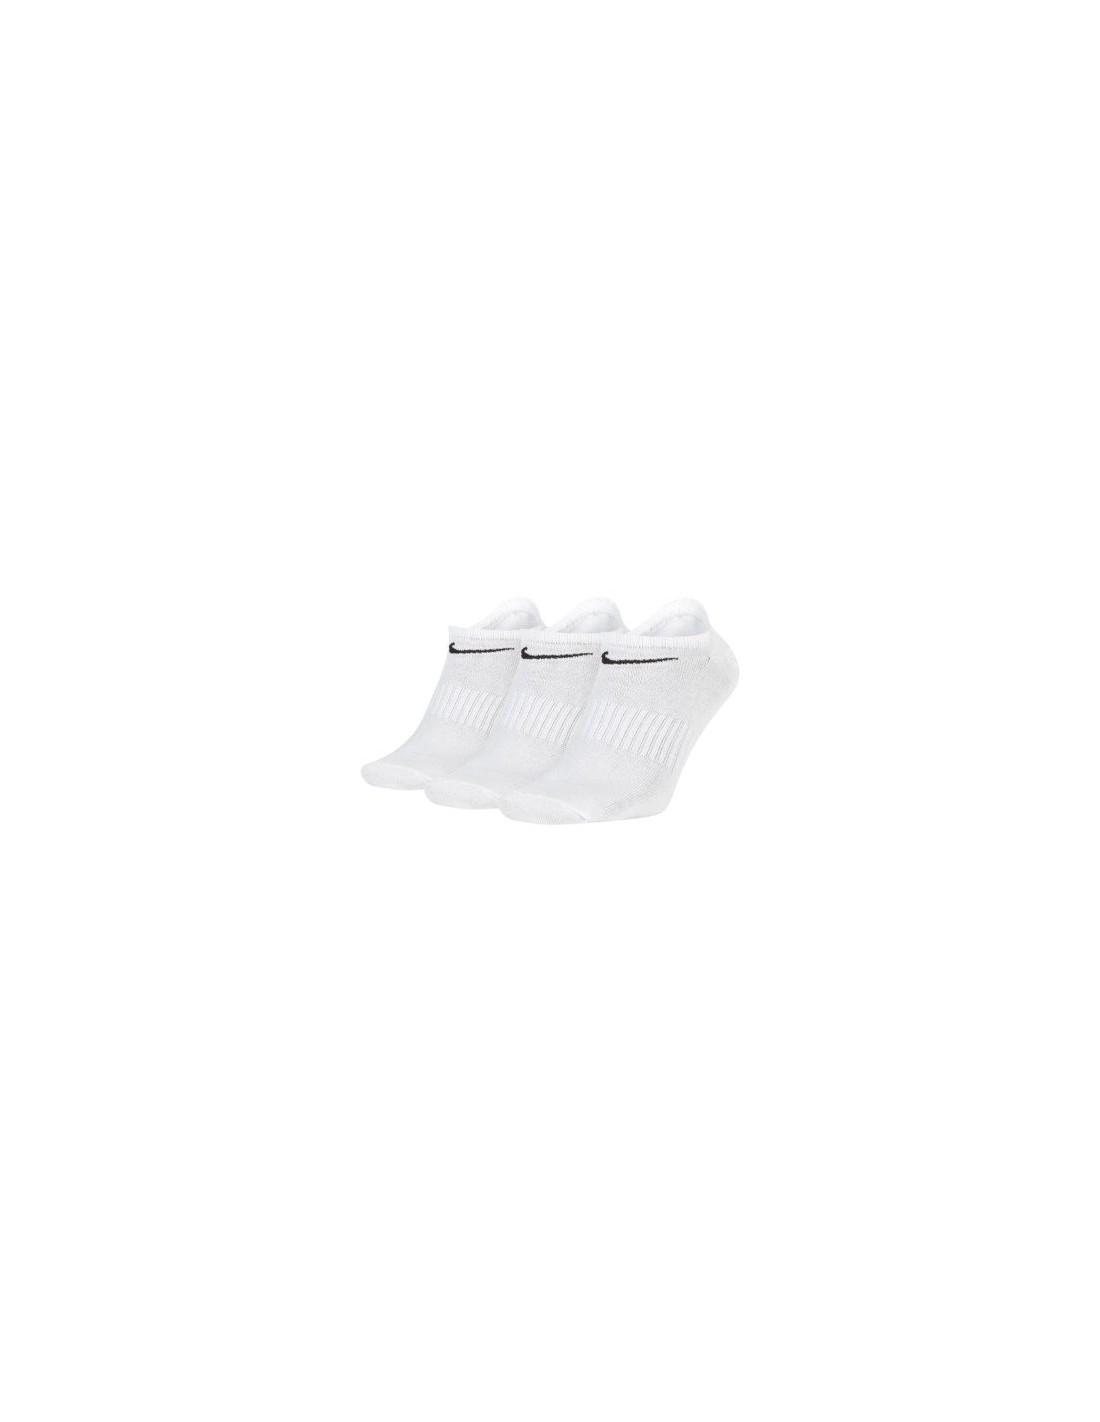 Ankelsokker Nike Everyday LW Sock 3pk SX7678 99 kr